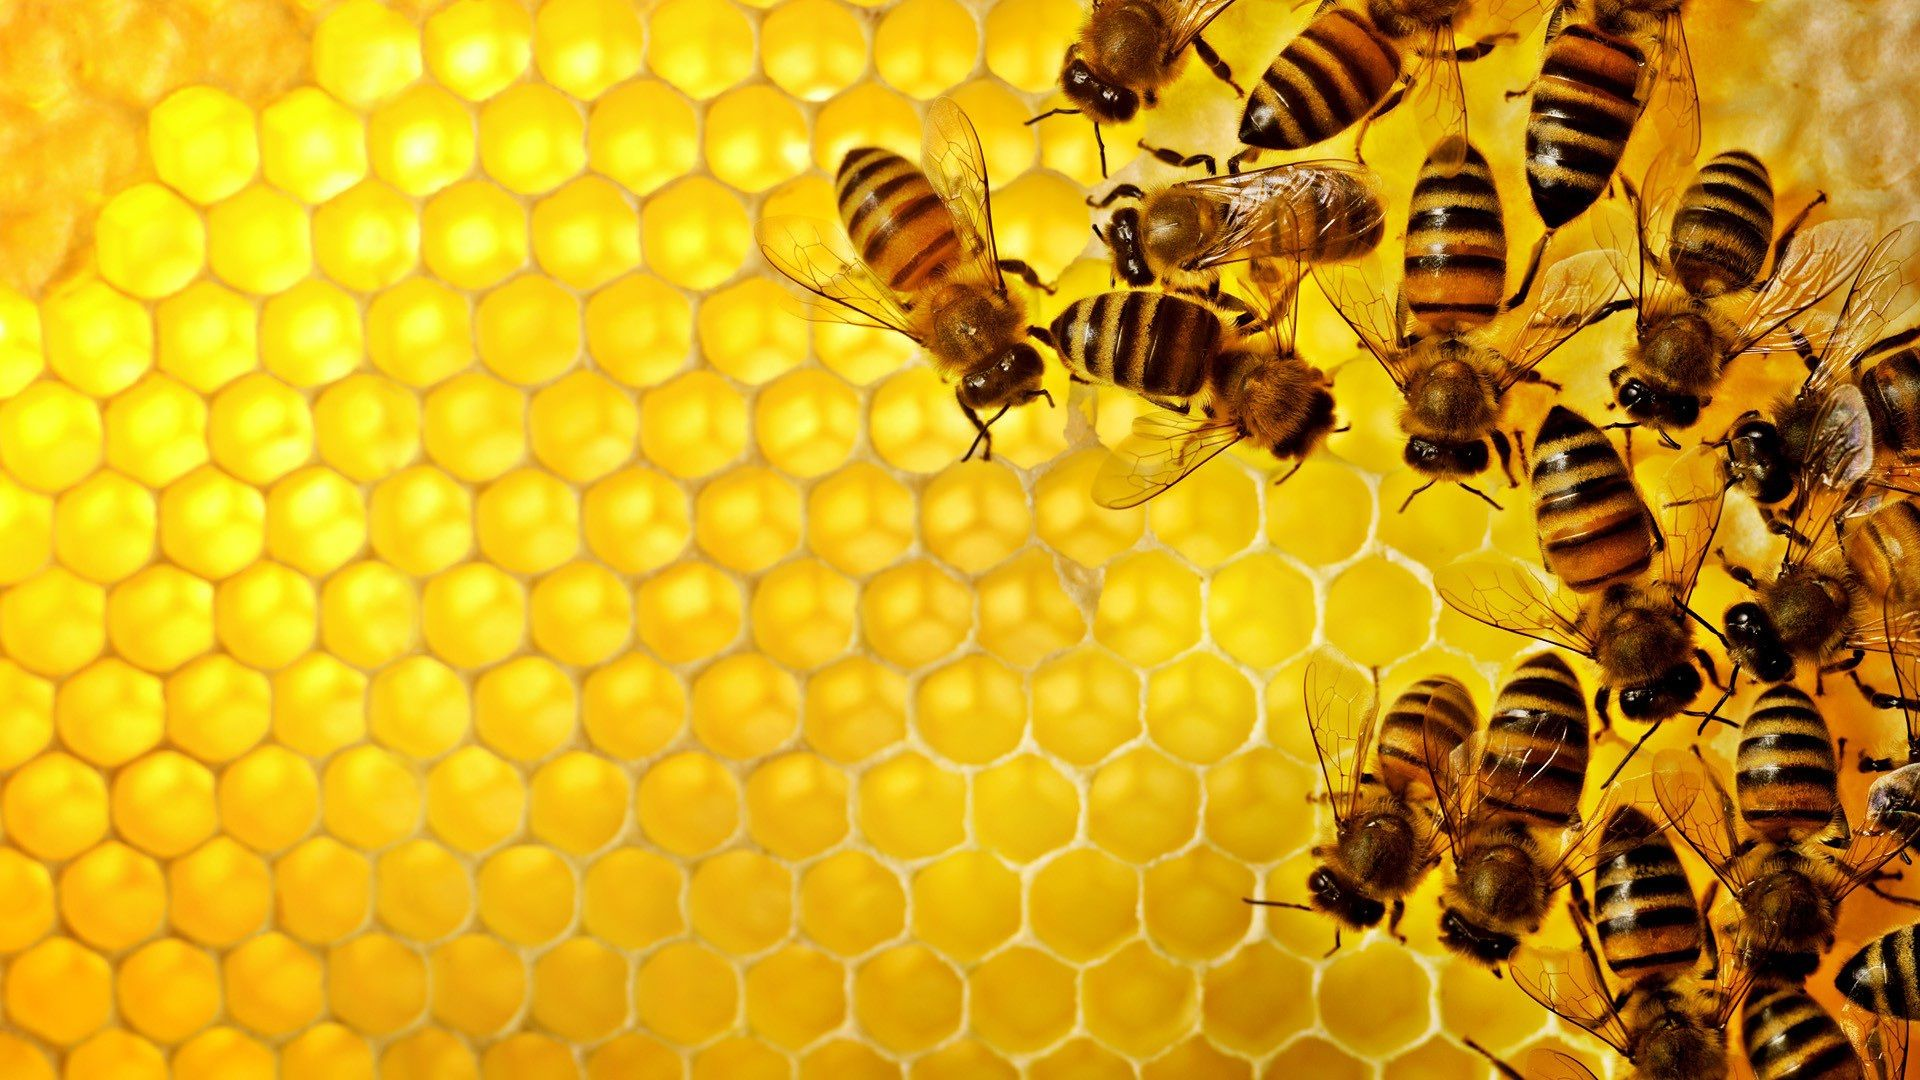 Bee Wallpapers Desktop Hd Pictures 3 Jpg 1920 1080 Bee Propolis National Honey Month Bee